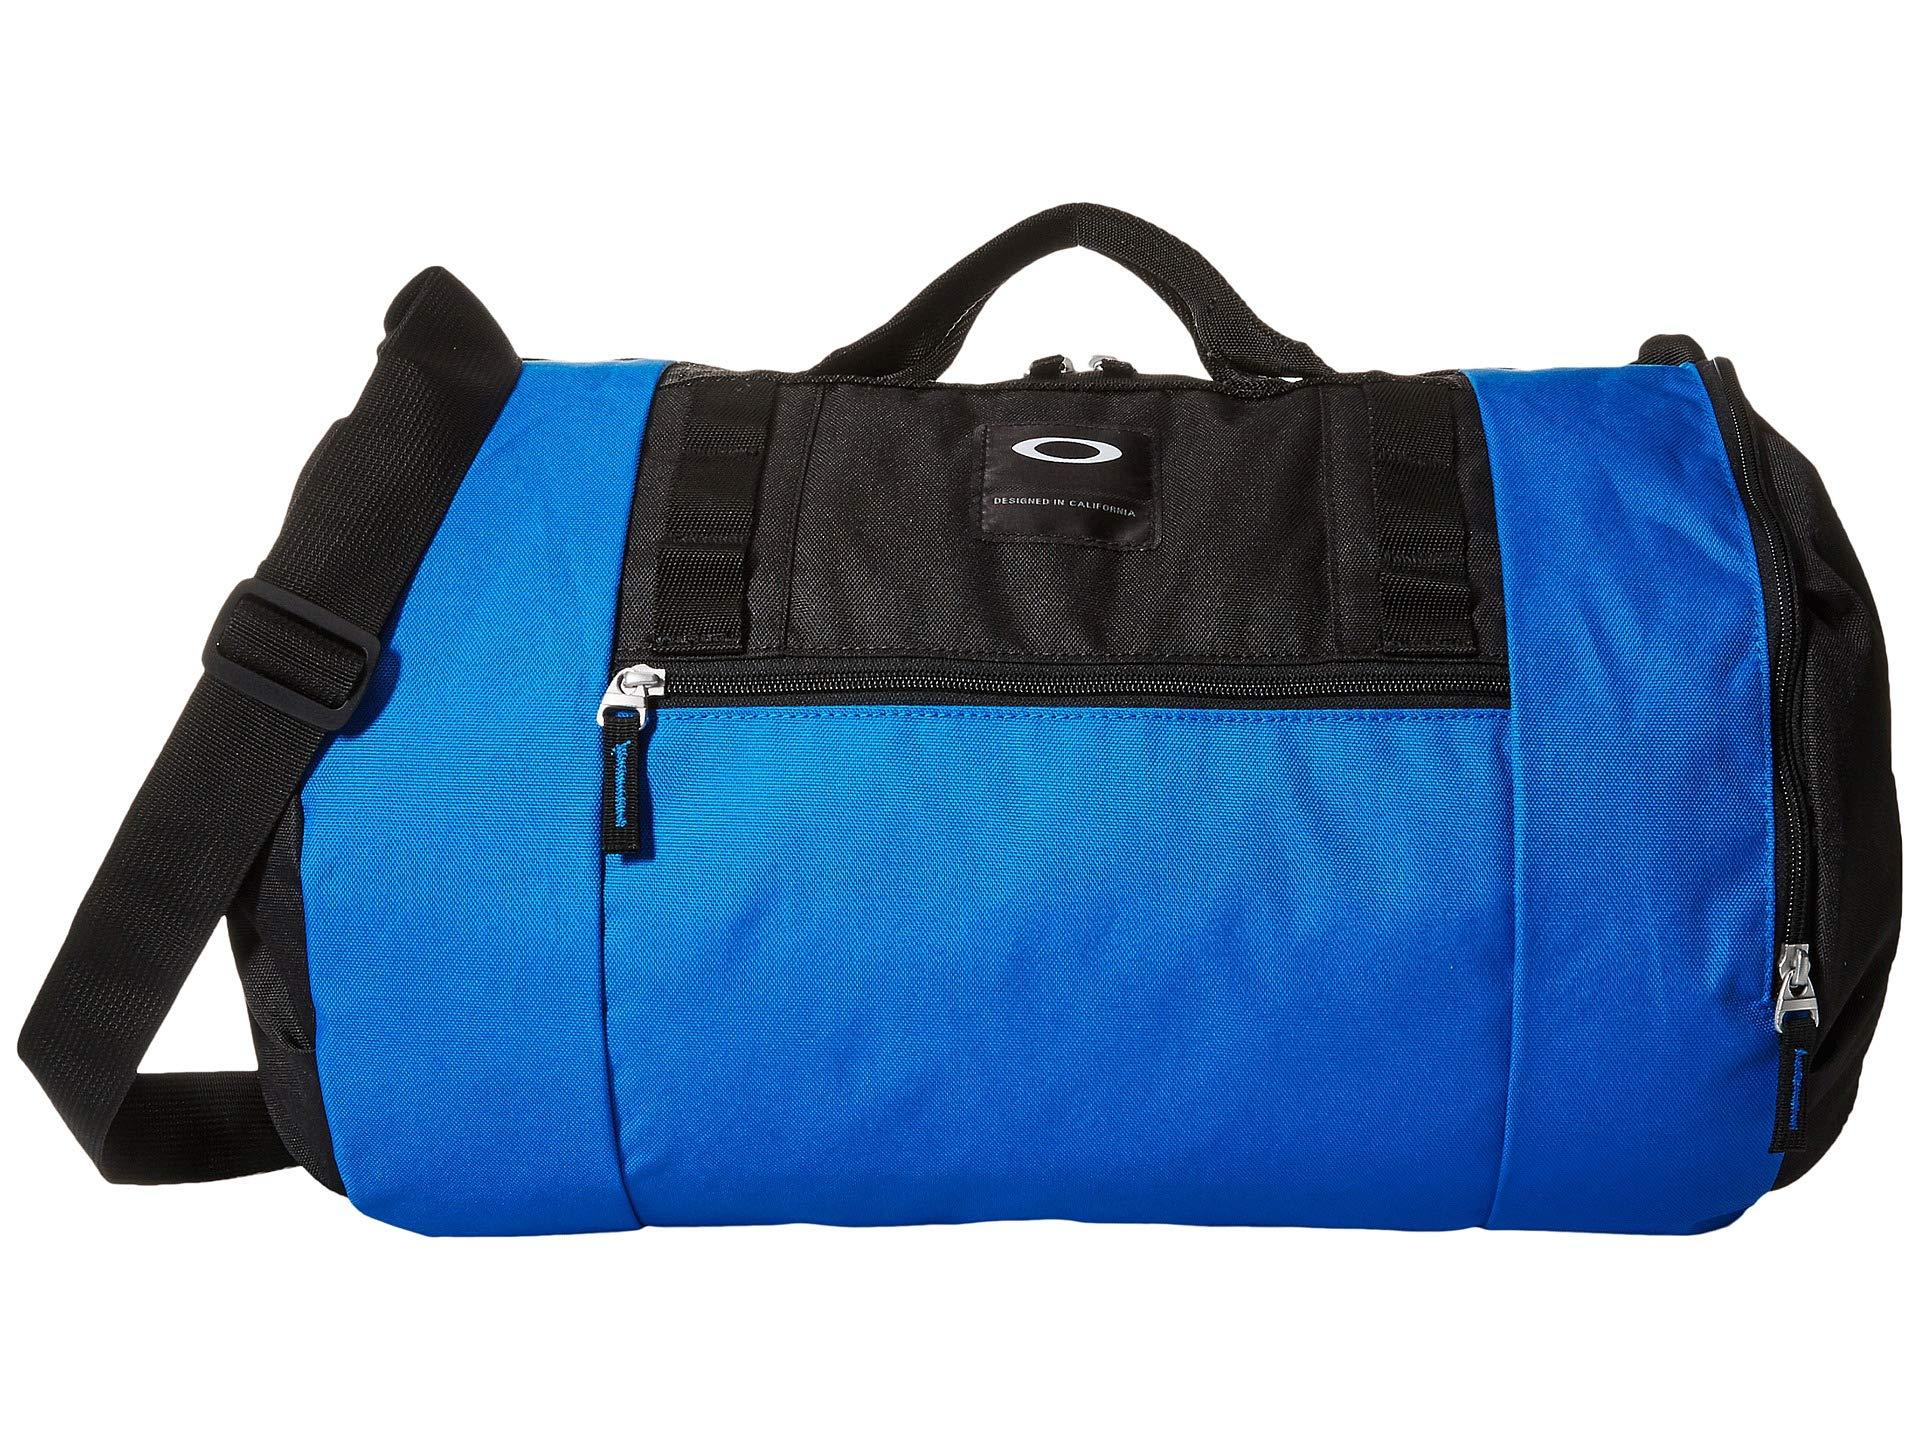 Bolso de Lona para Hombre Oakley Holbrook 30L Duffel  + Oakley en VeoyCompro.net